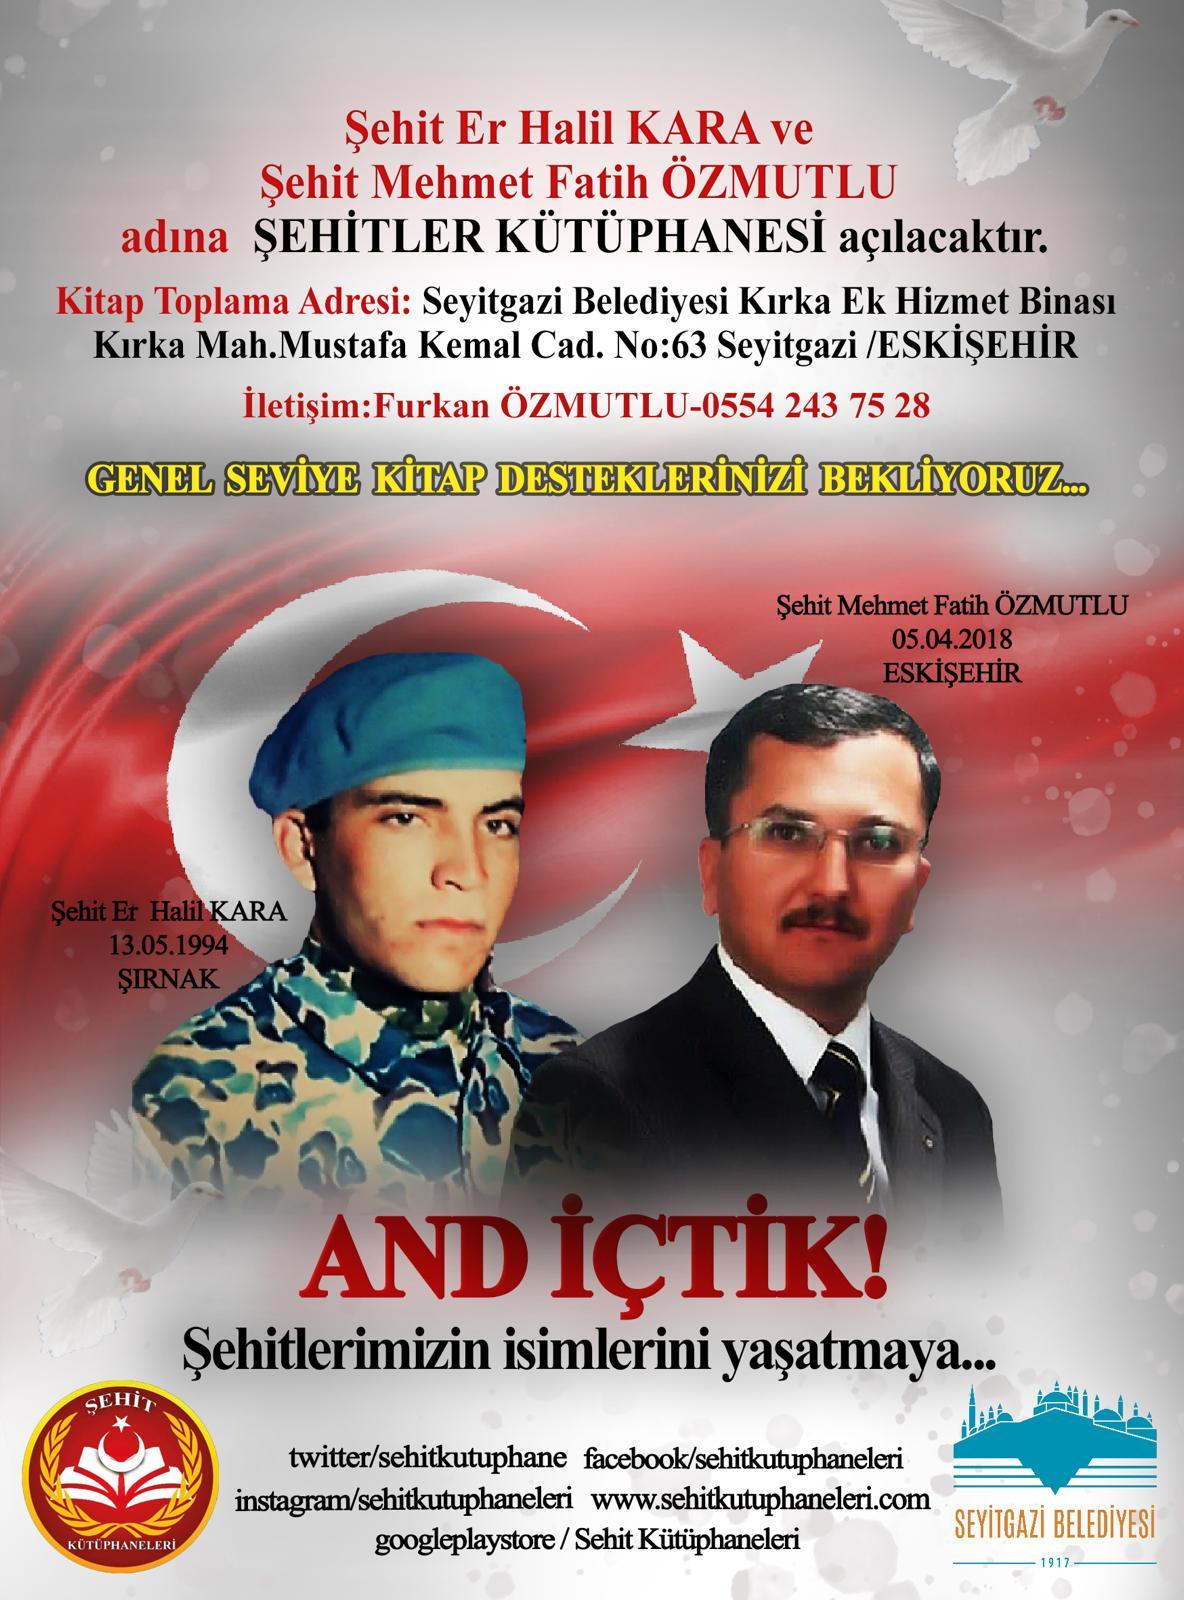 Şehir Er Halil KARA ve Şehit Mehmet Fatih ÖZMUTLU Kütüphanesi